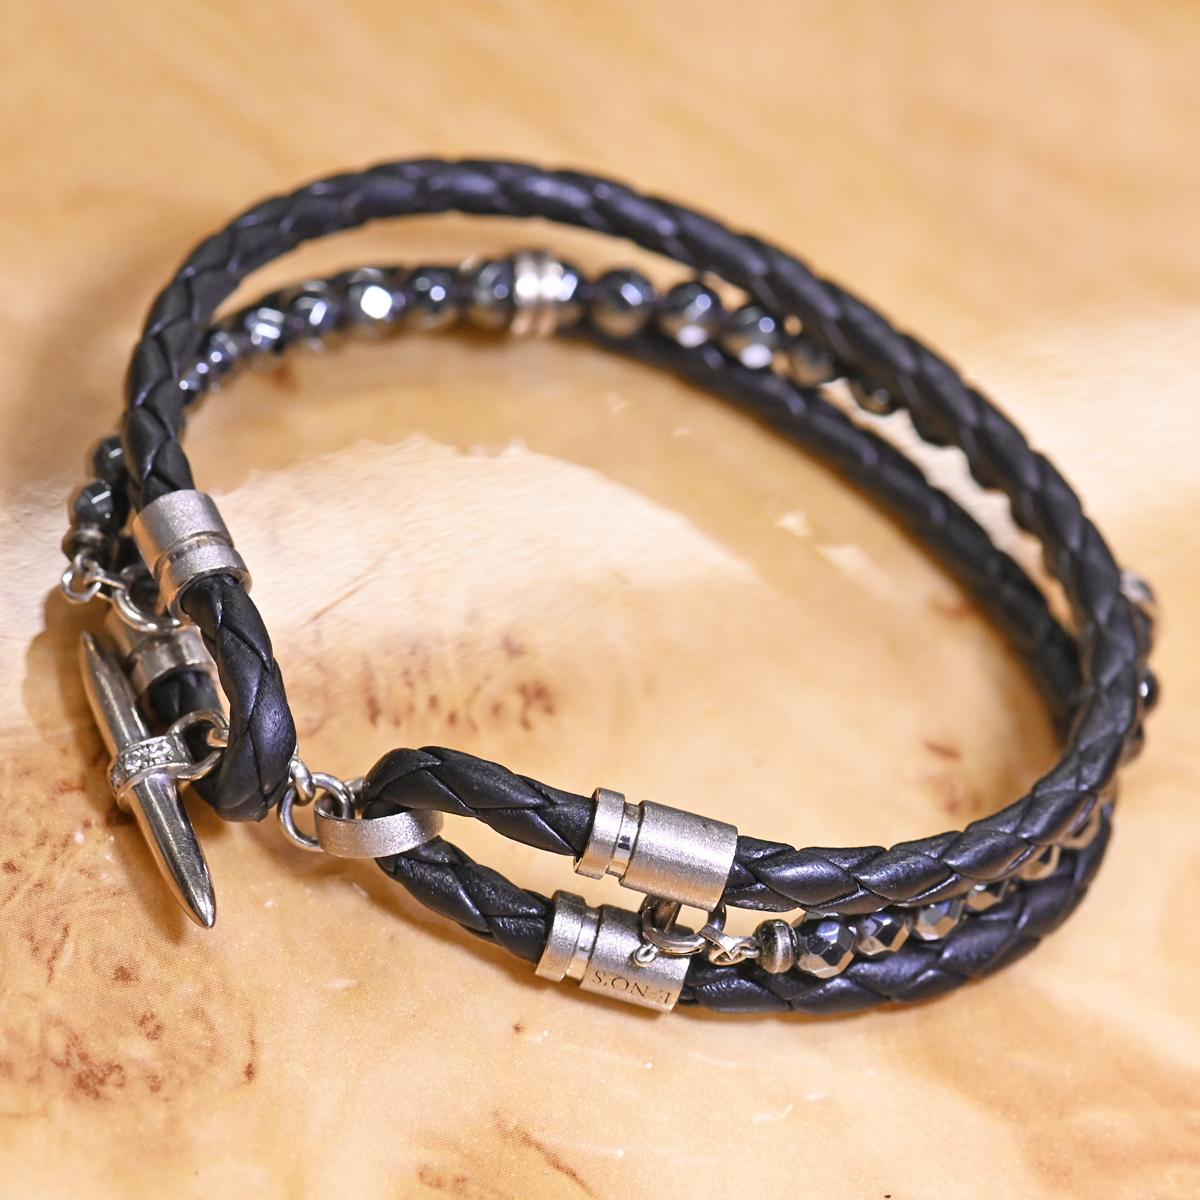 本物 美品 イーノス K18WG ダイヤモンド Felix イントレチャートレザー ヘマタイト ブレスレット 18.5cm メンズジュエリー E-NO'S_画像2